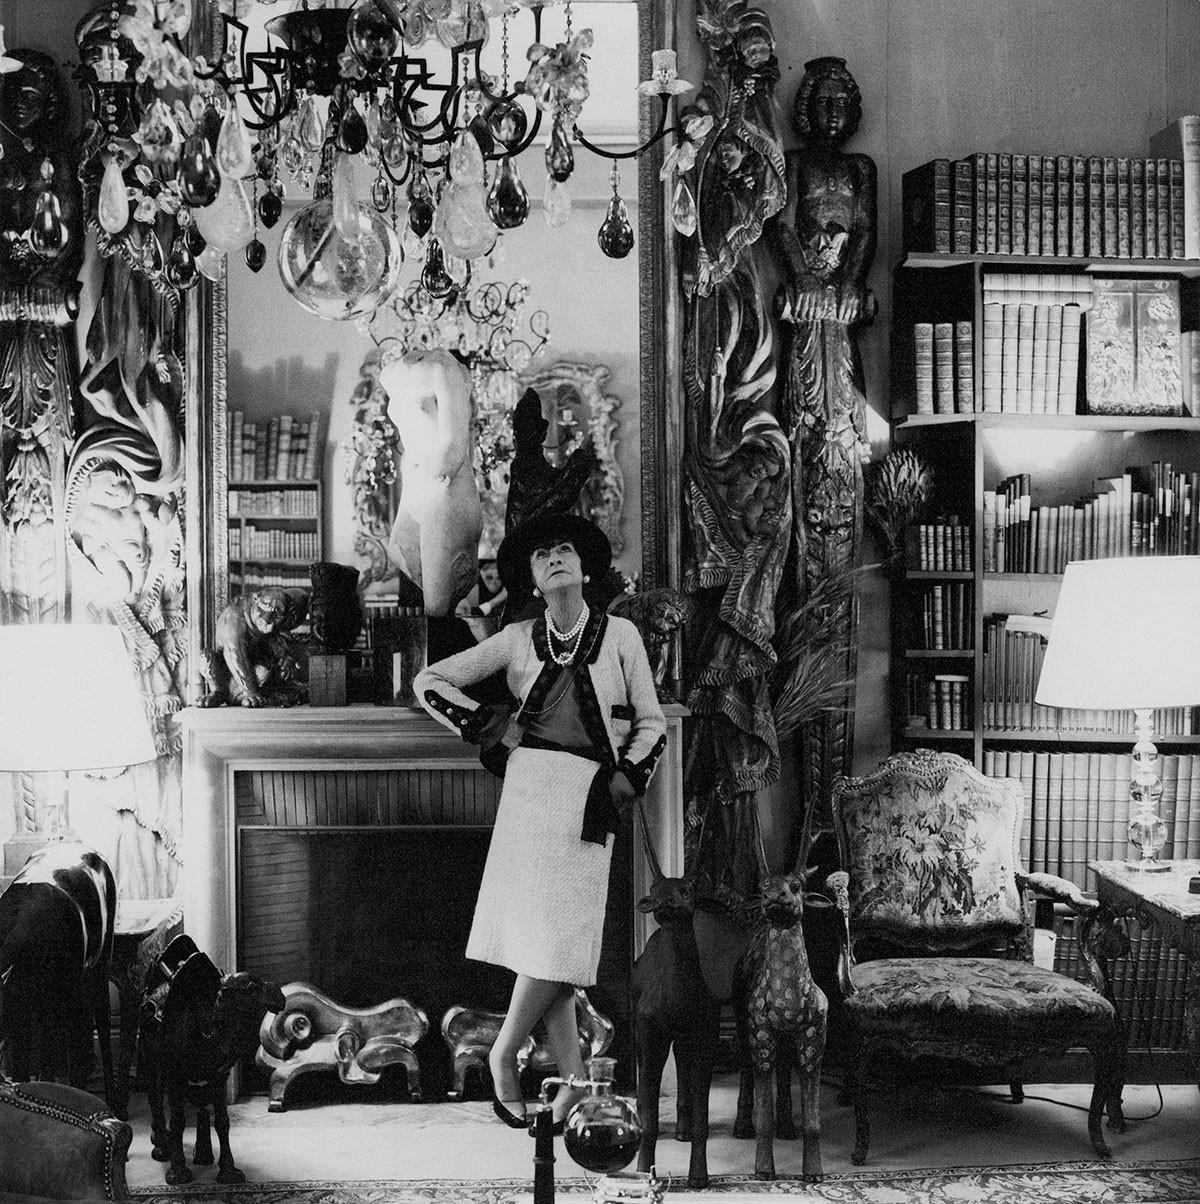 Luksusowy rodowód: krótka historia paryskiego Ritz